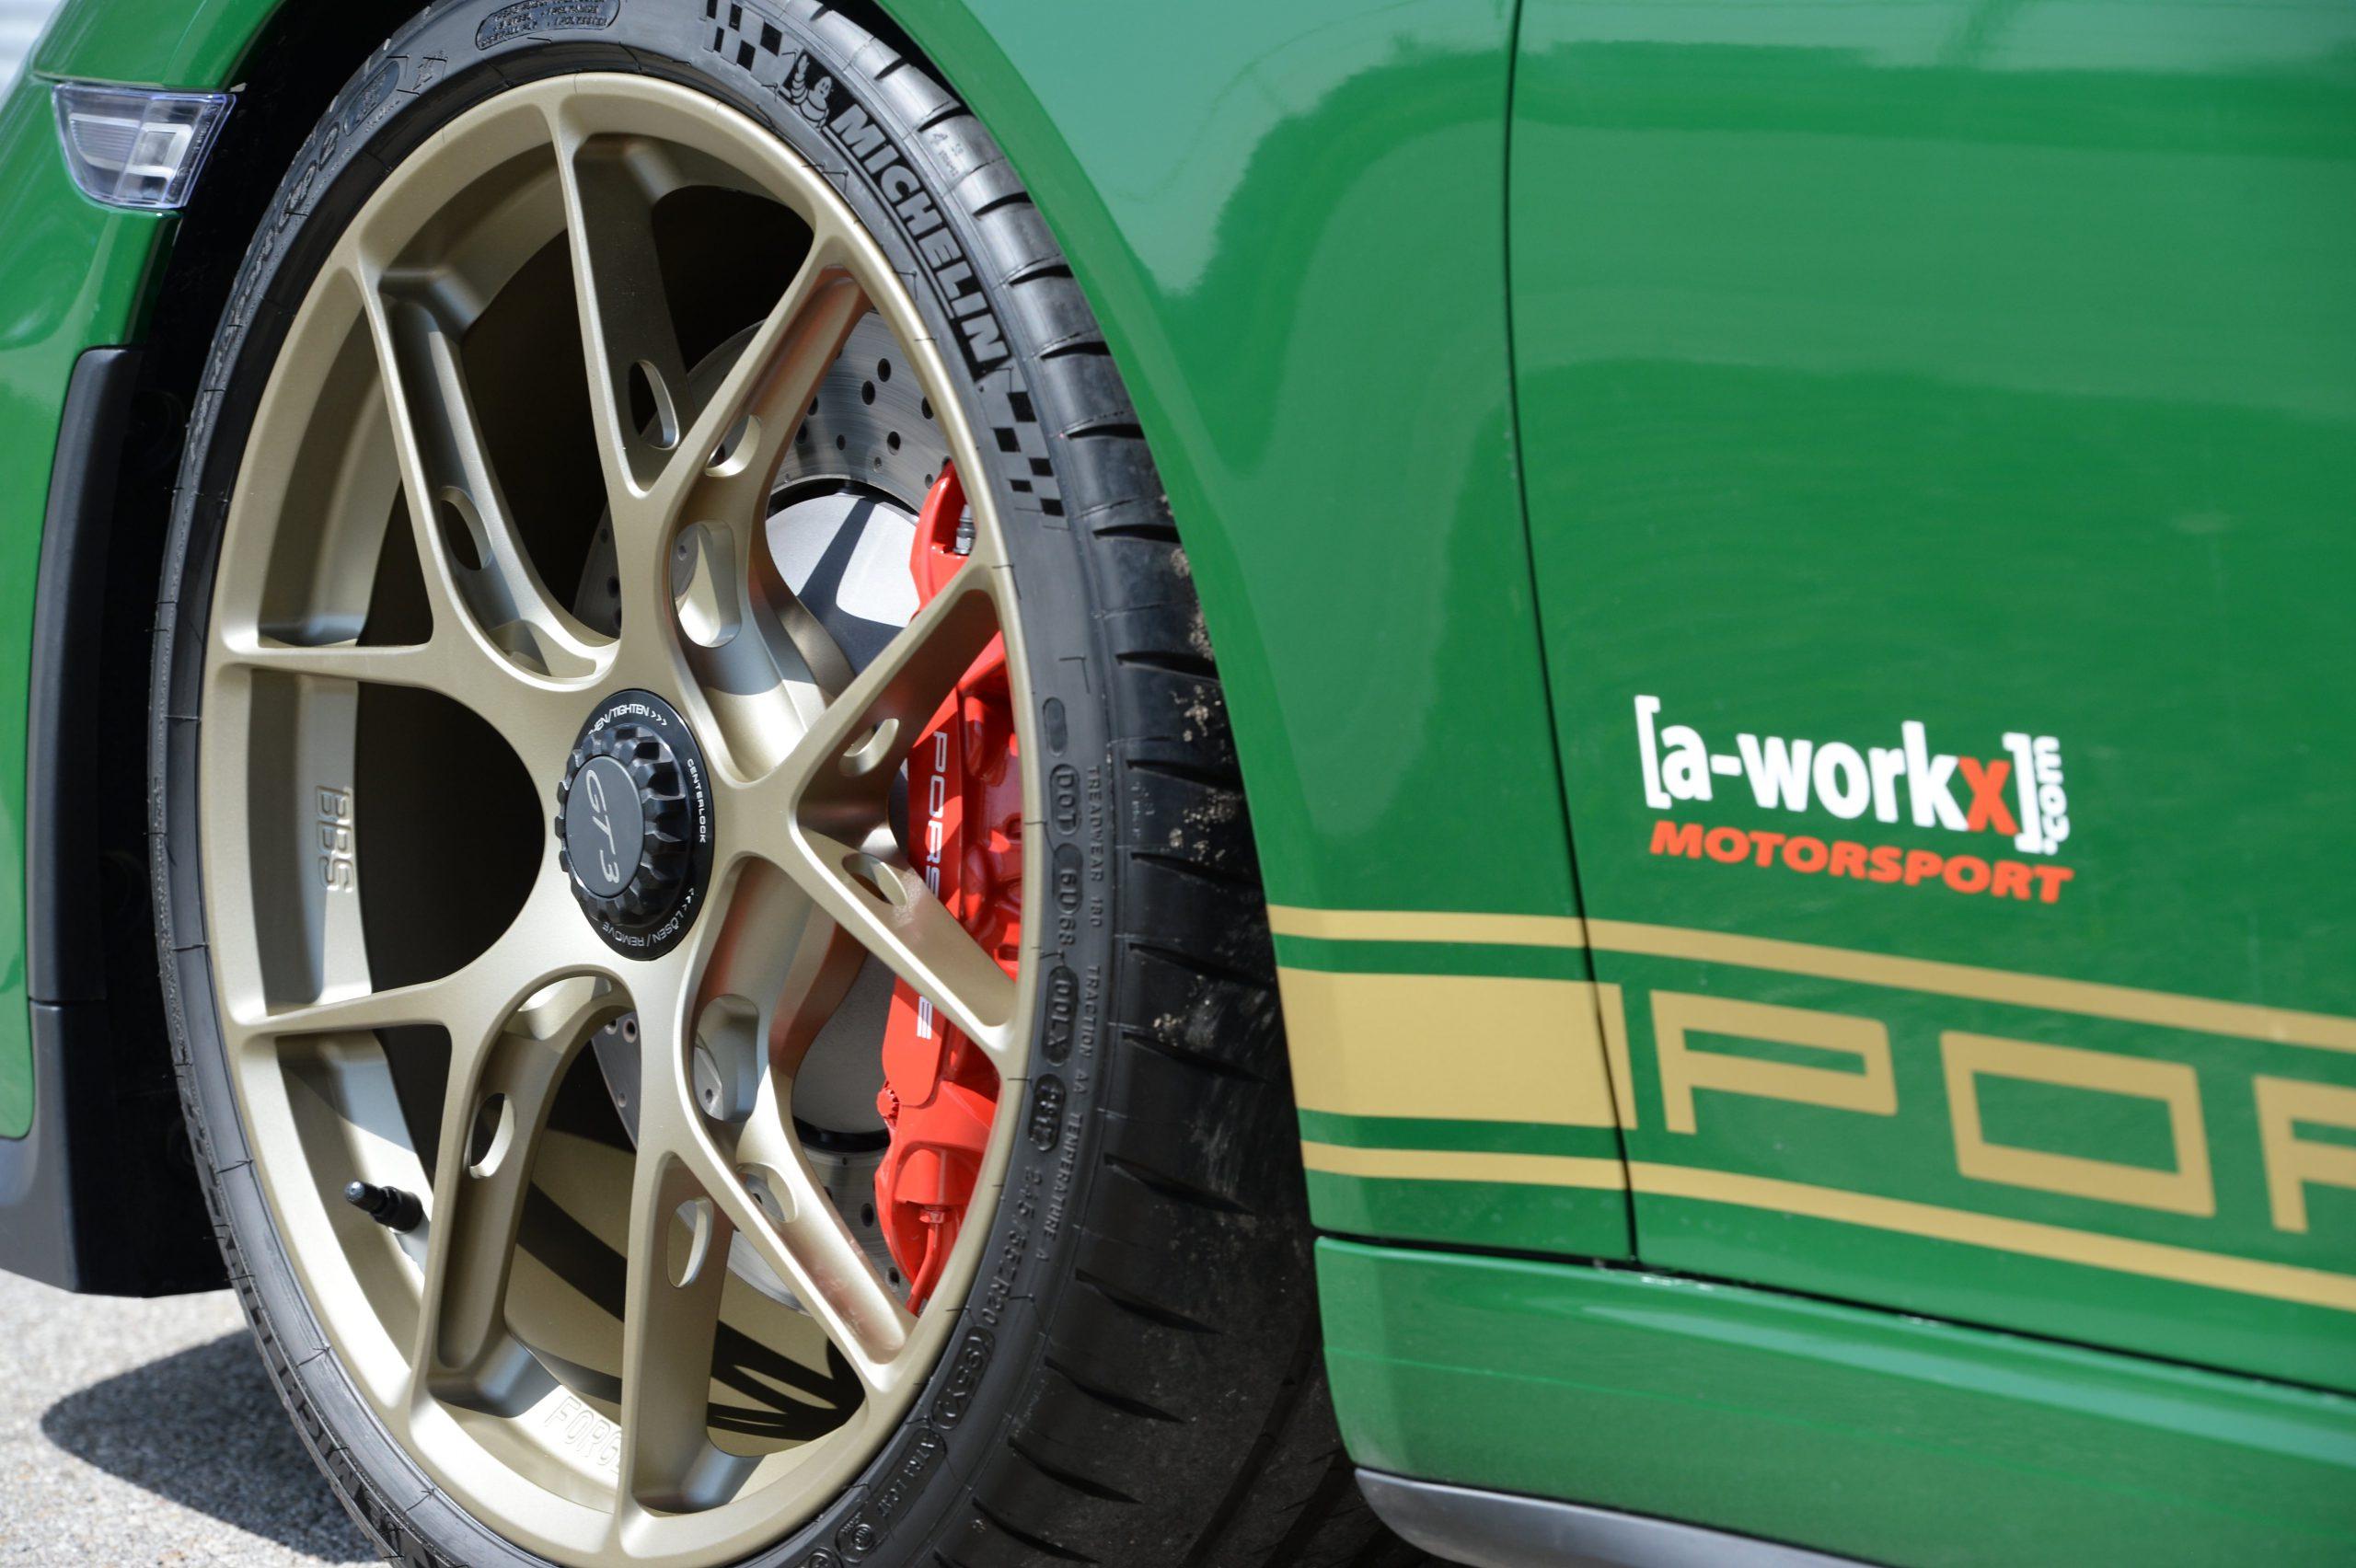 2018-Porsche-911-GT3-A-Workx-GmbH-4568